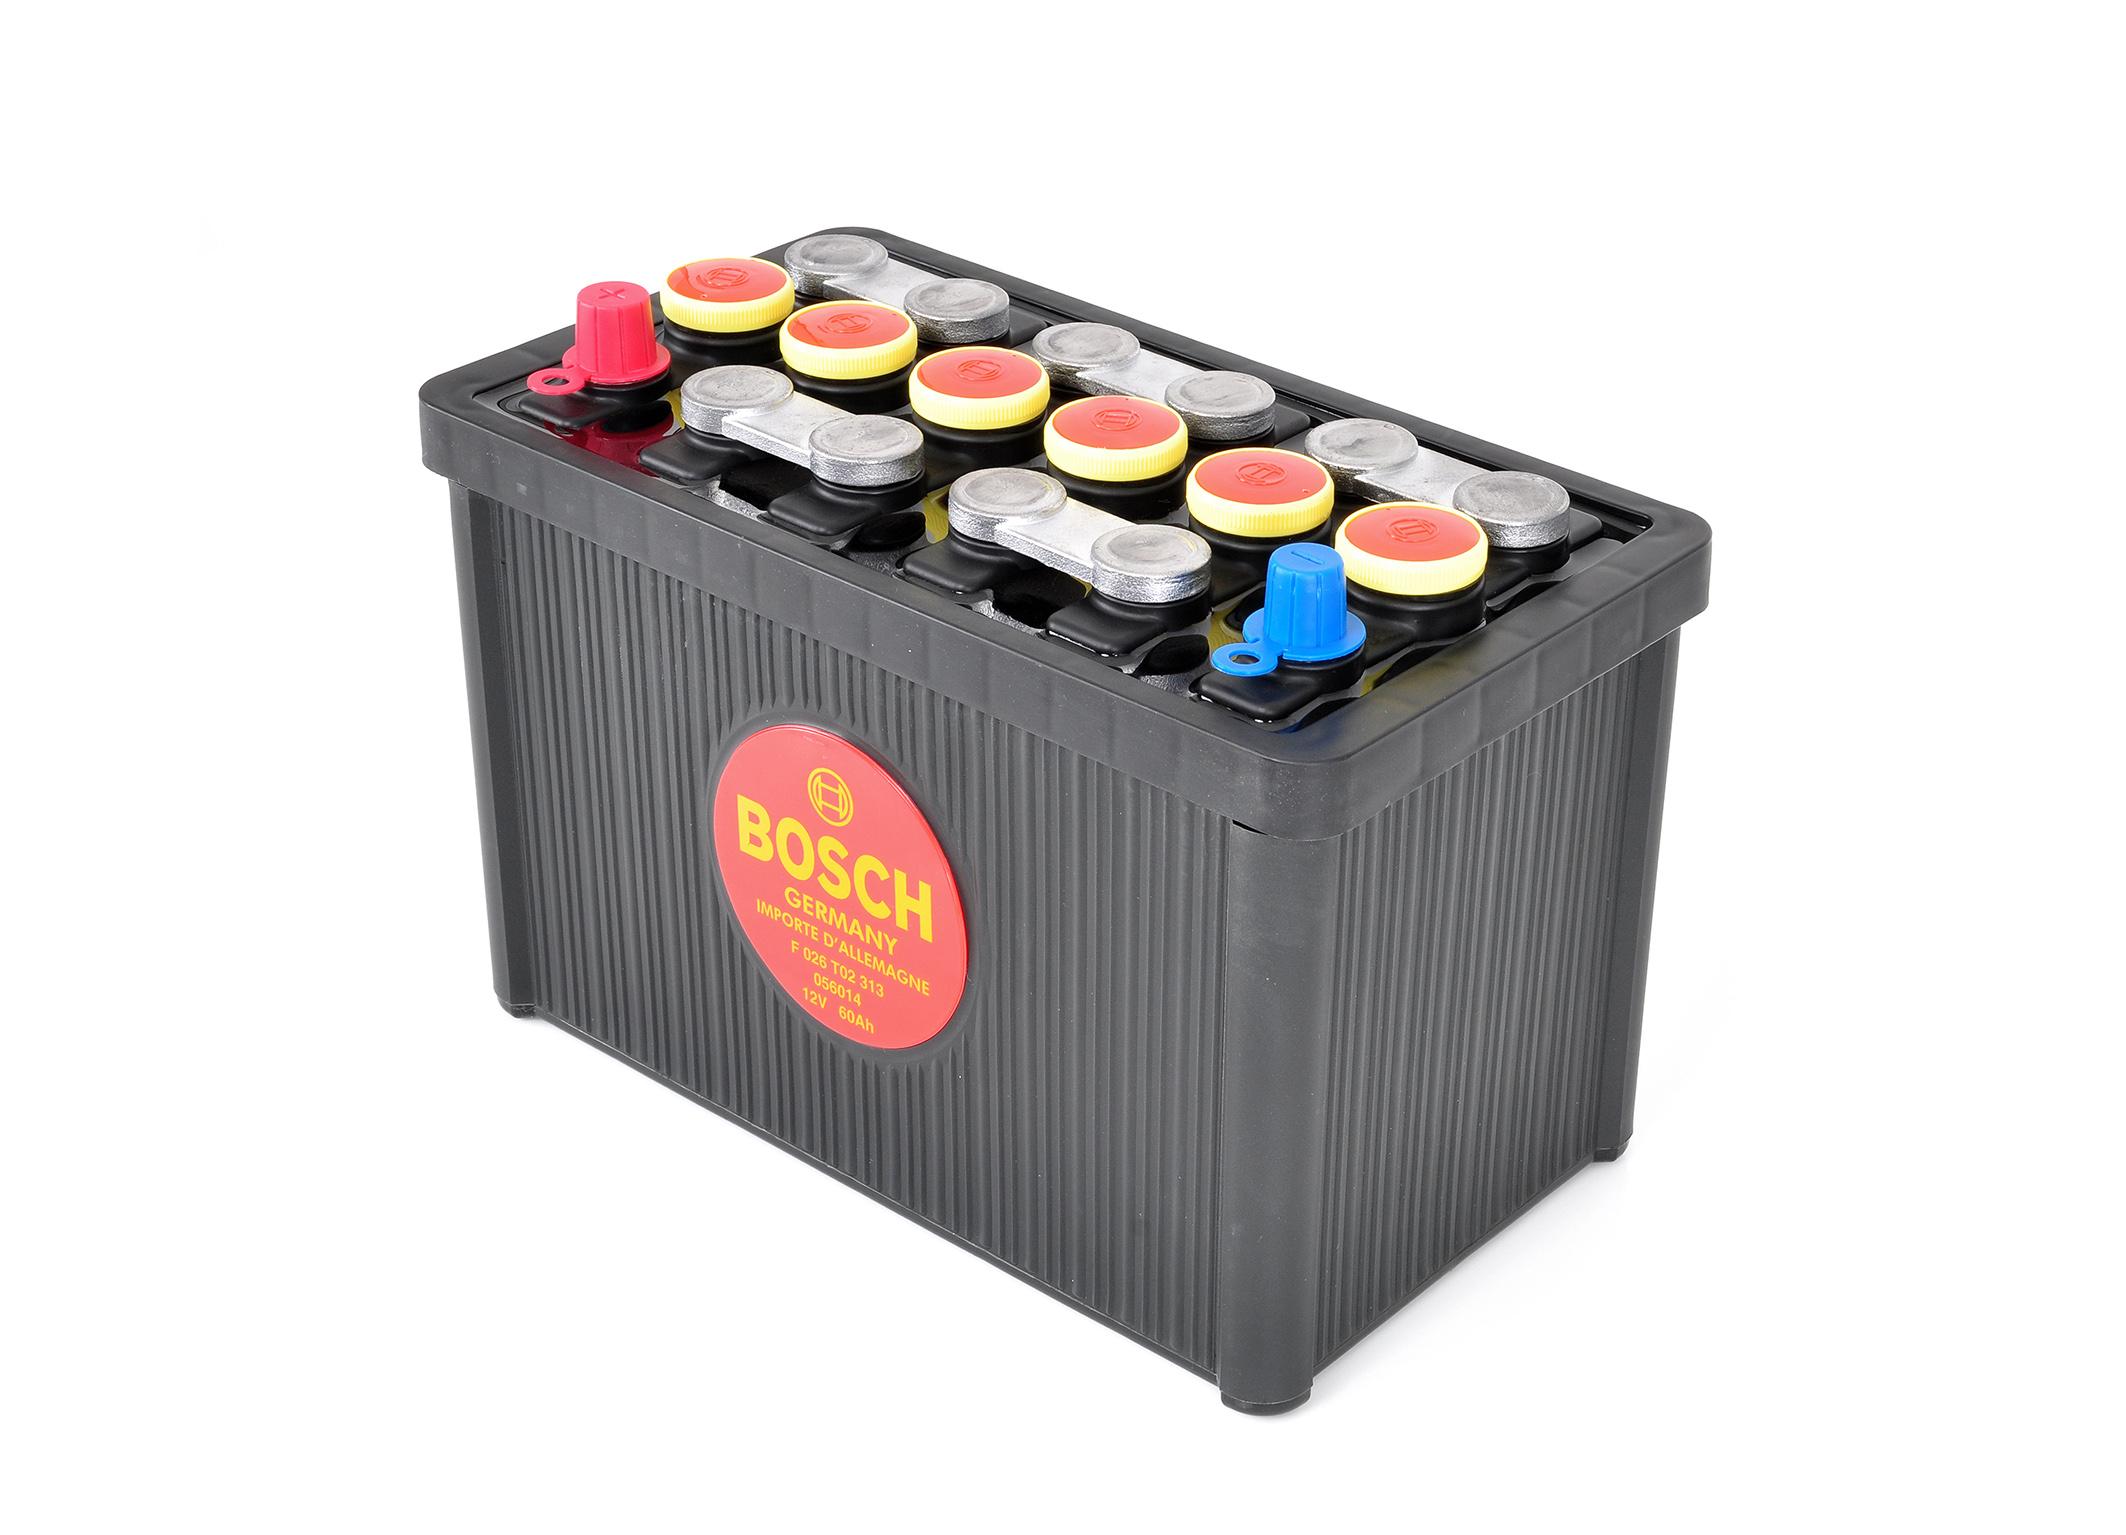 Die schwarze Klassik-Batterie von Bosch entspricht äußerlich exakt dem historischen Vorbild, nutzt im Innenleben aber die Vorteile moderner Technik und Qualitätsstandards.